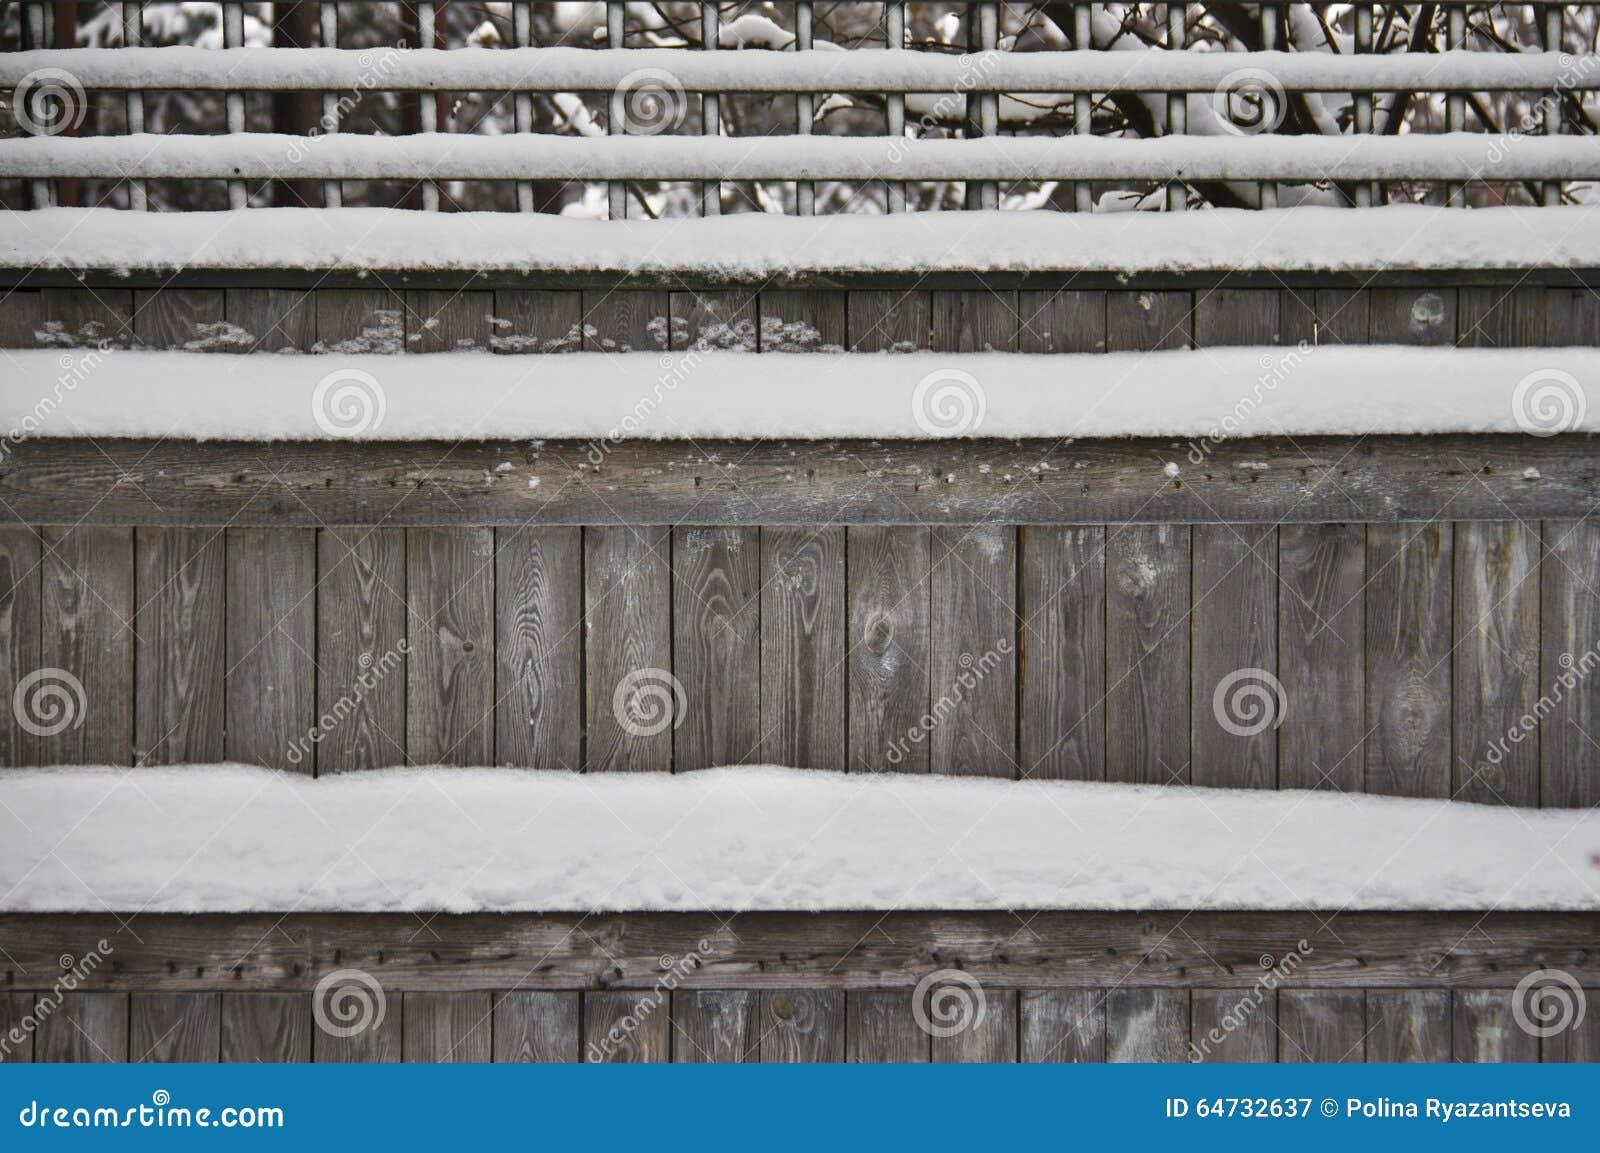 Rete fissa coperta di neve